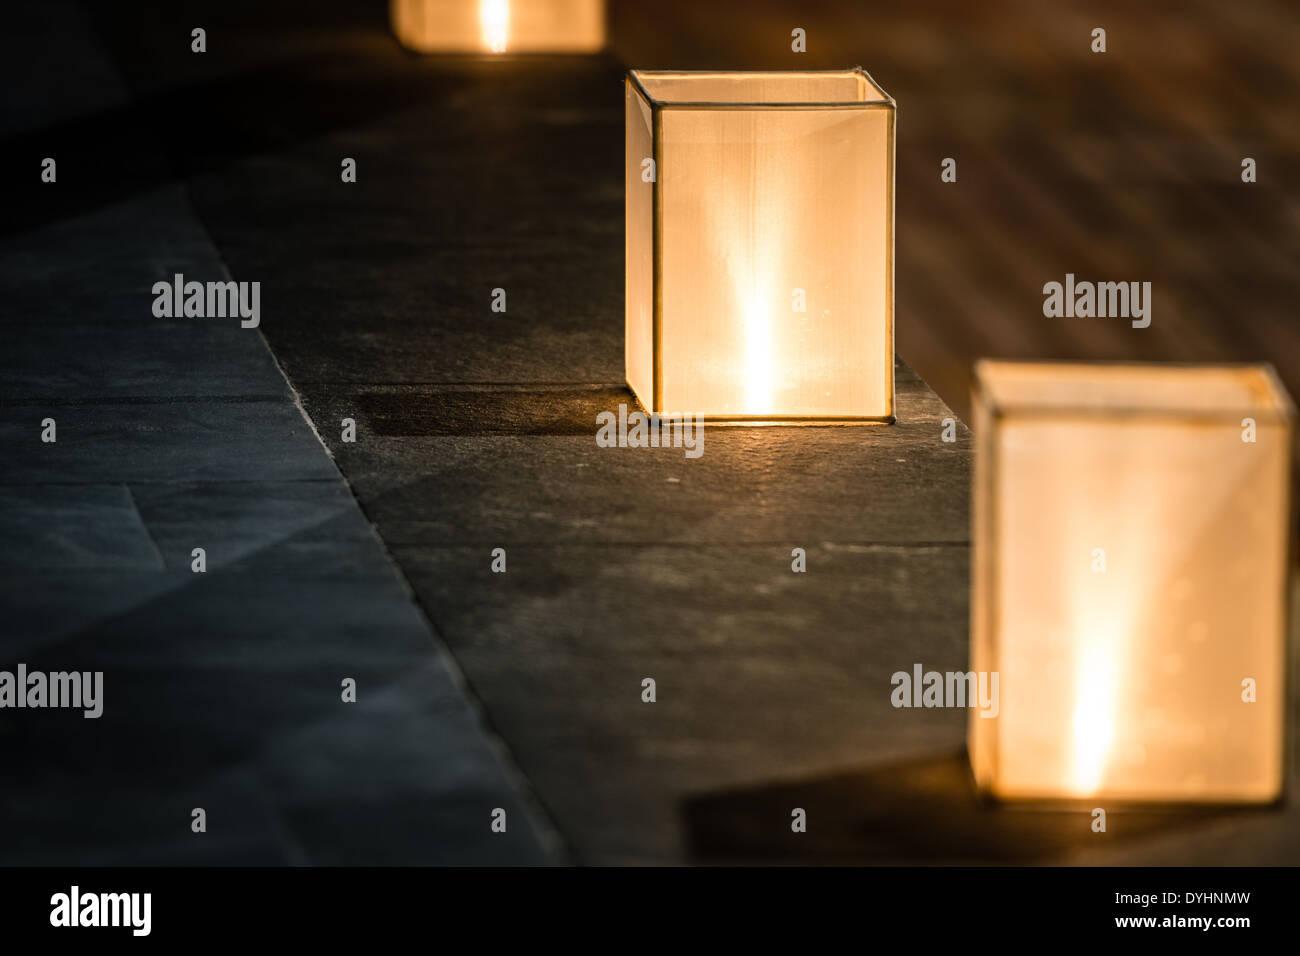 Fila di tre quadrati lanterne con luce fioca in piedi sul